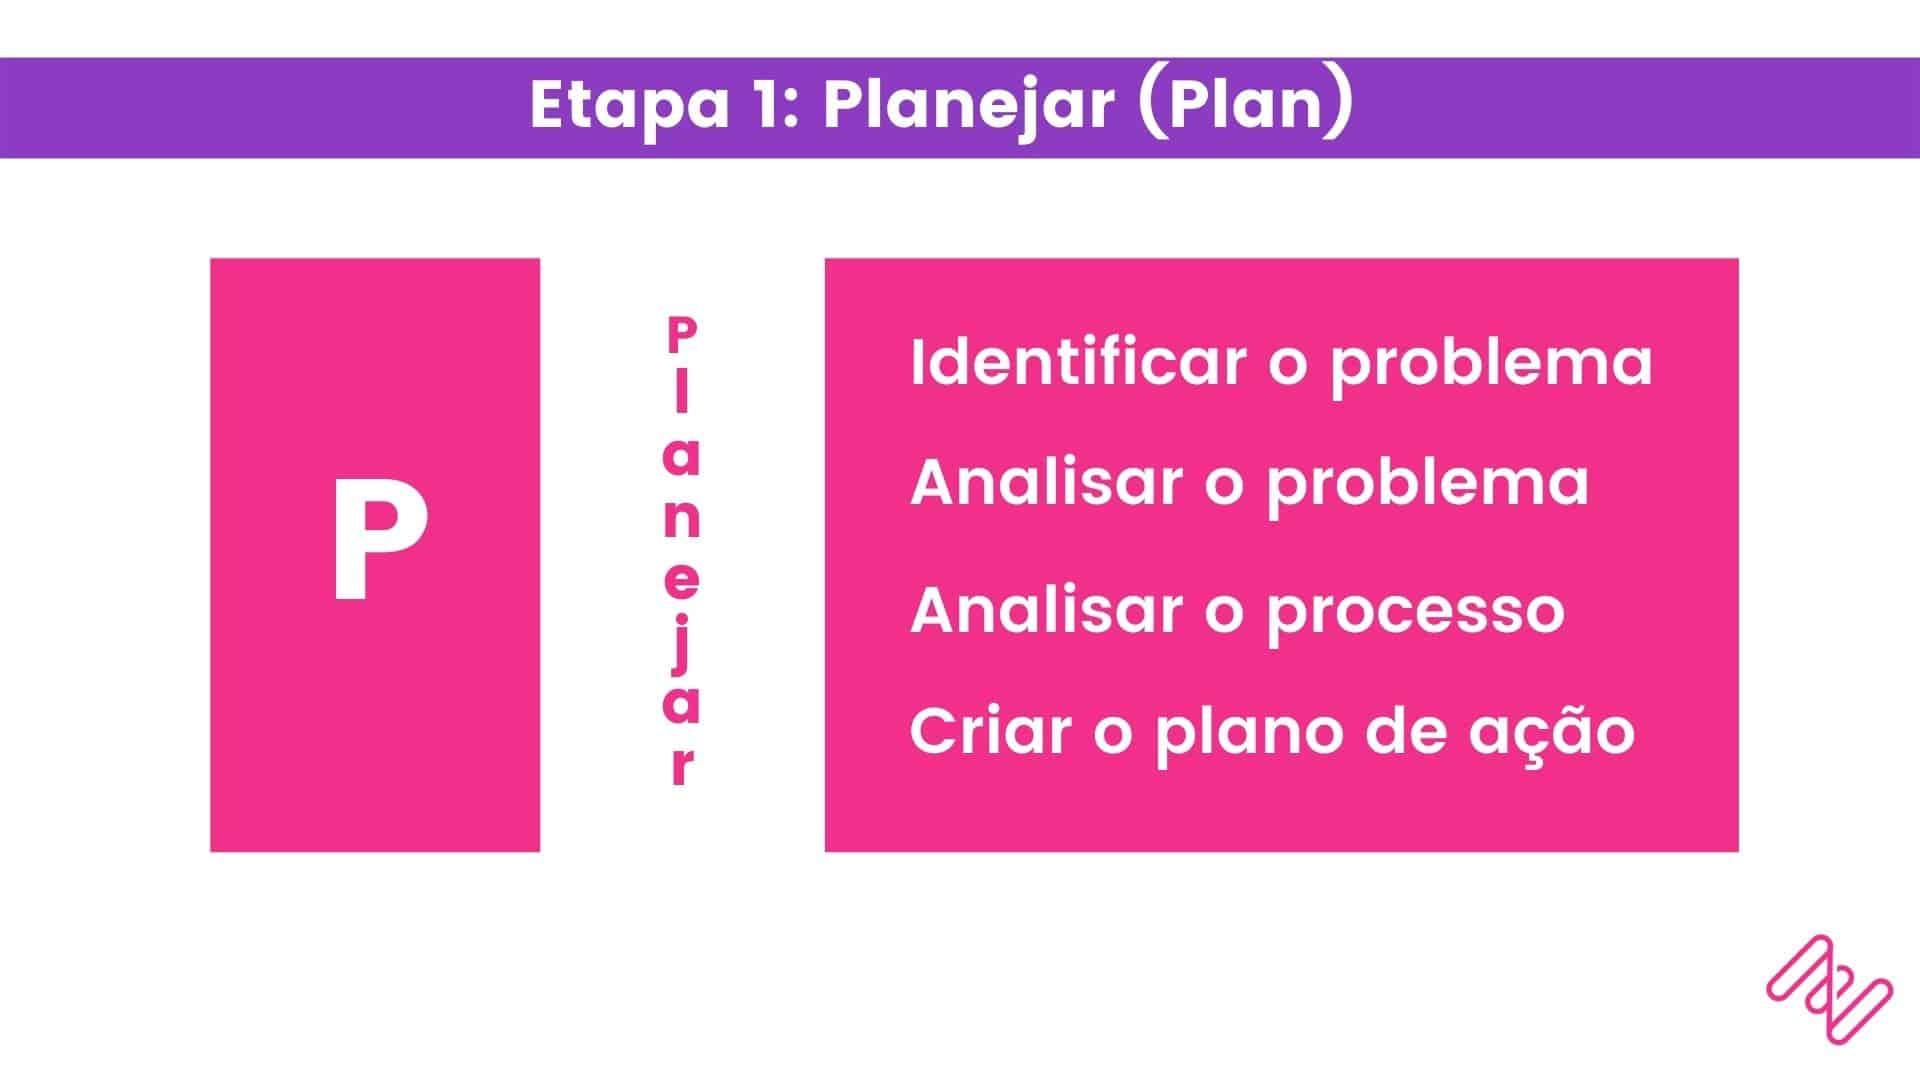 etapa planejar do clico PDCA